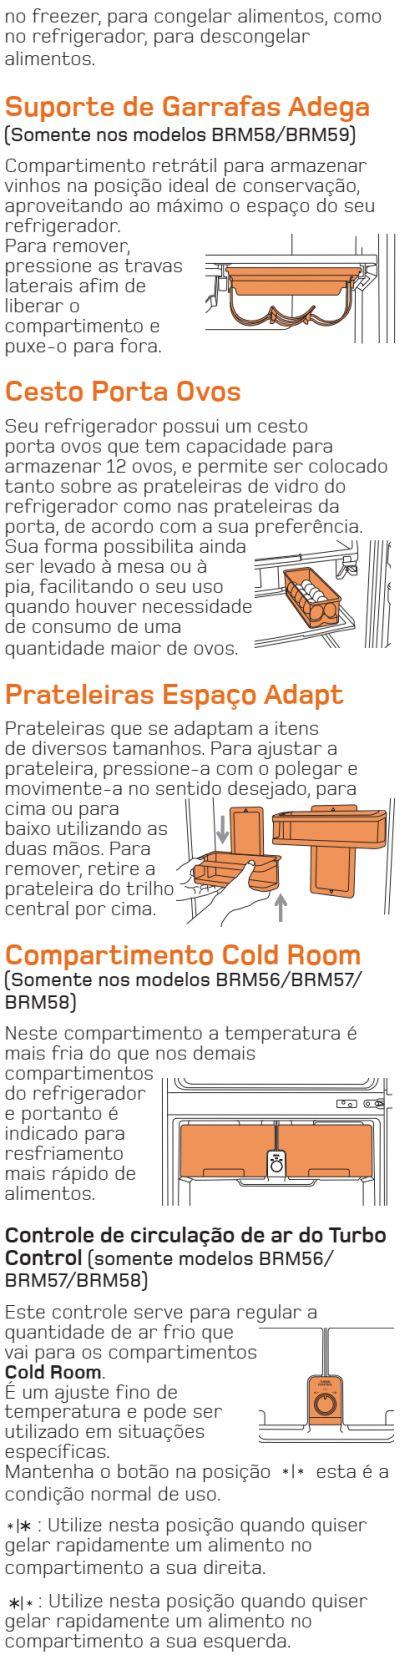 Geladeira Brastemp - BRM57 - conhecendo produto 5